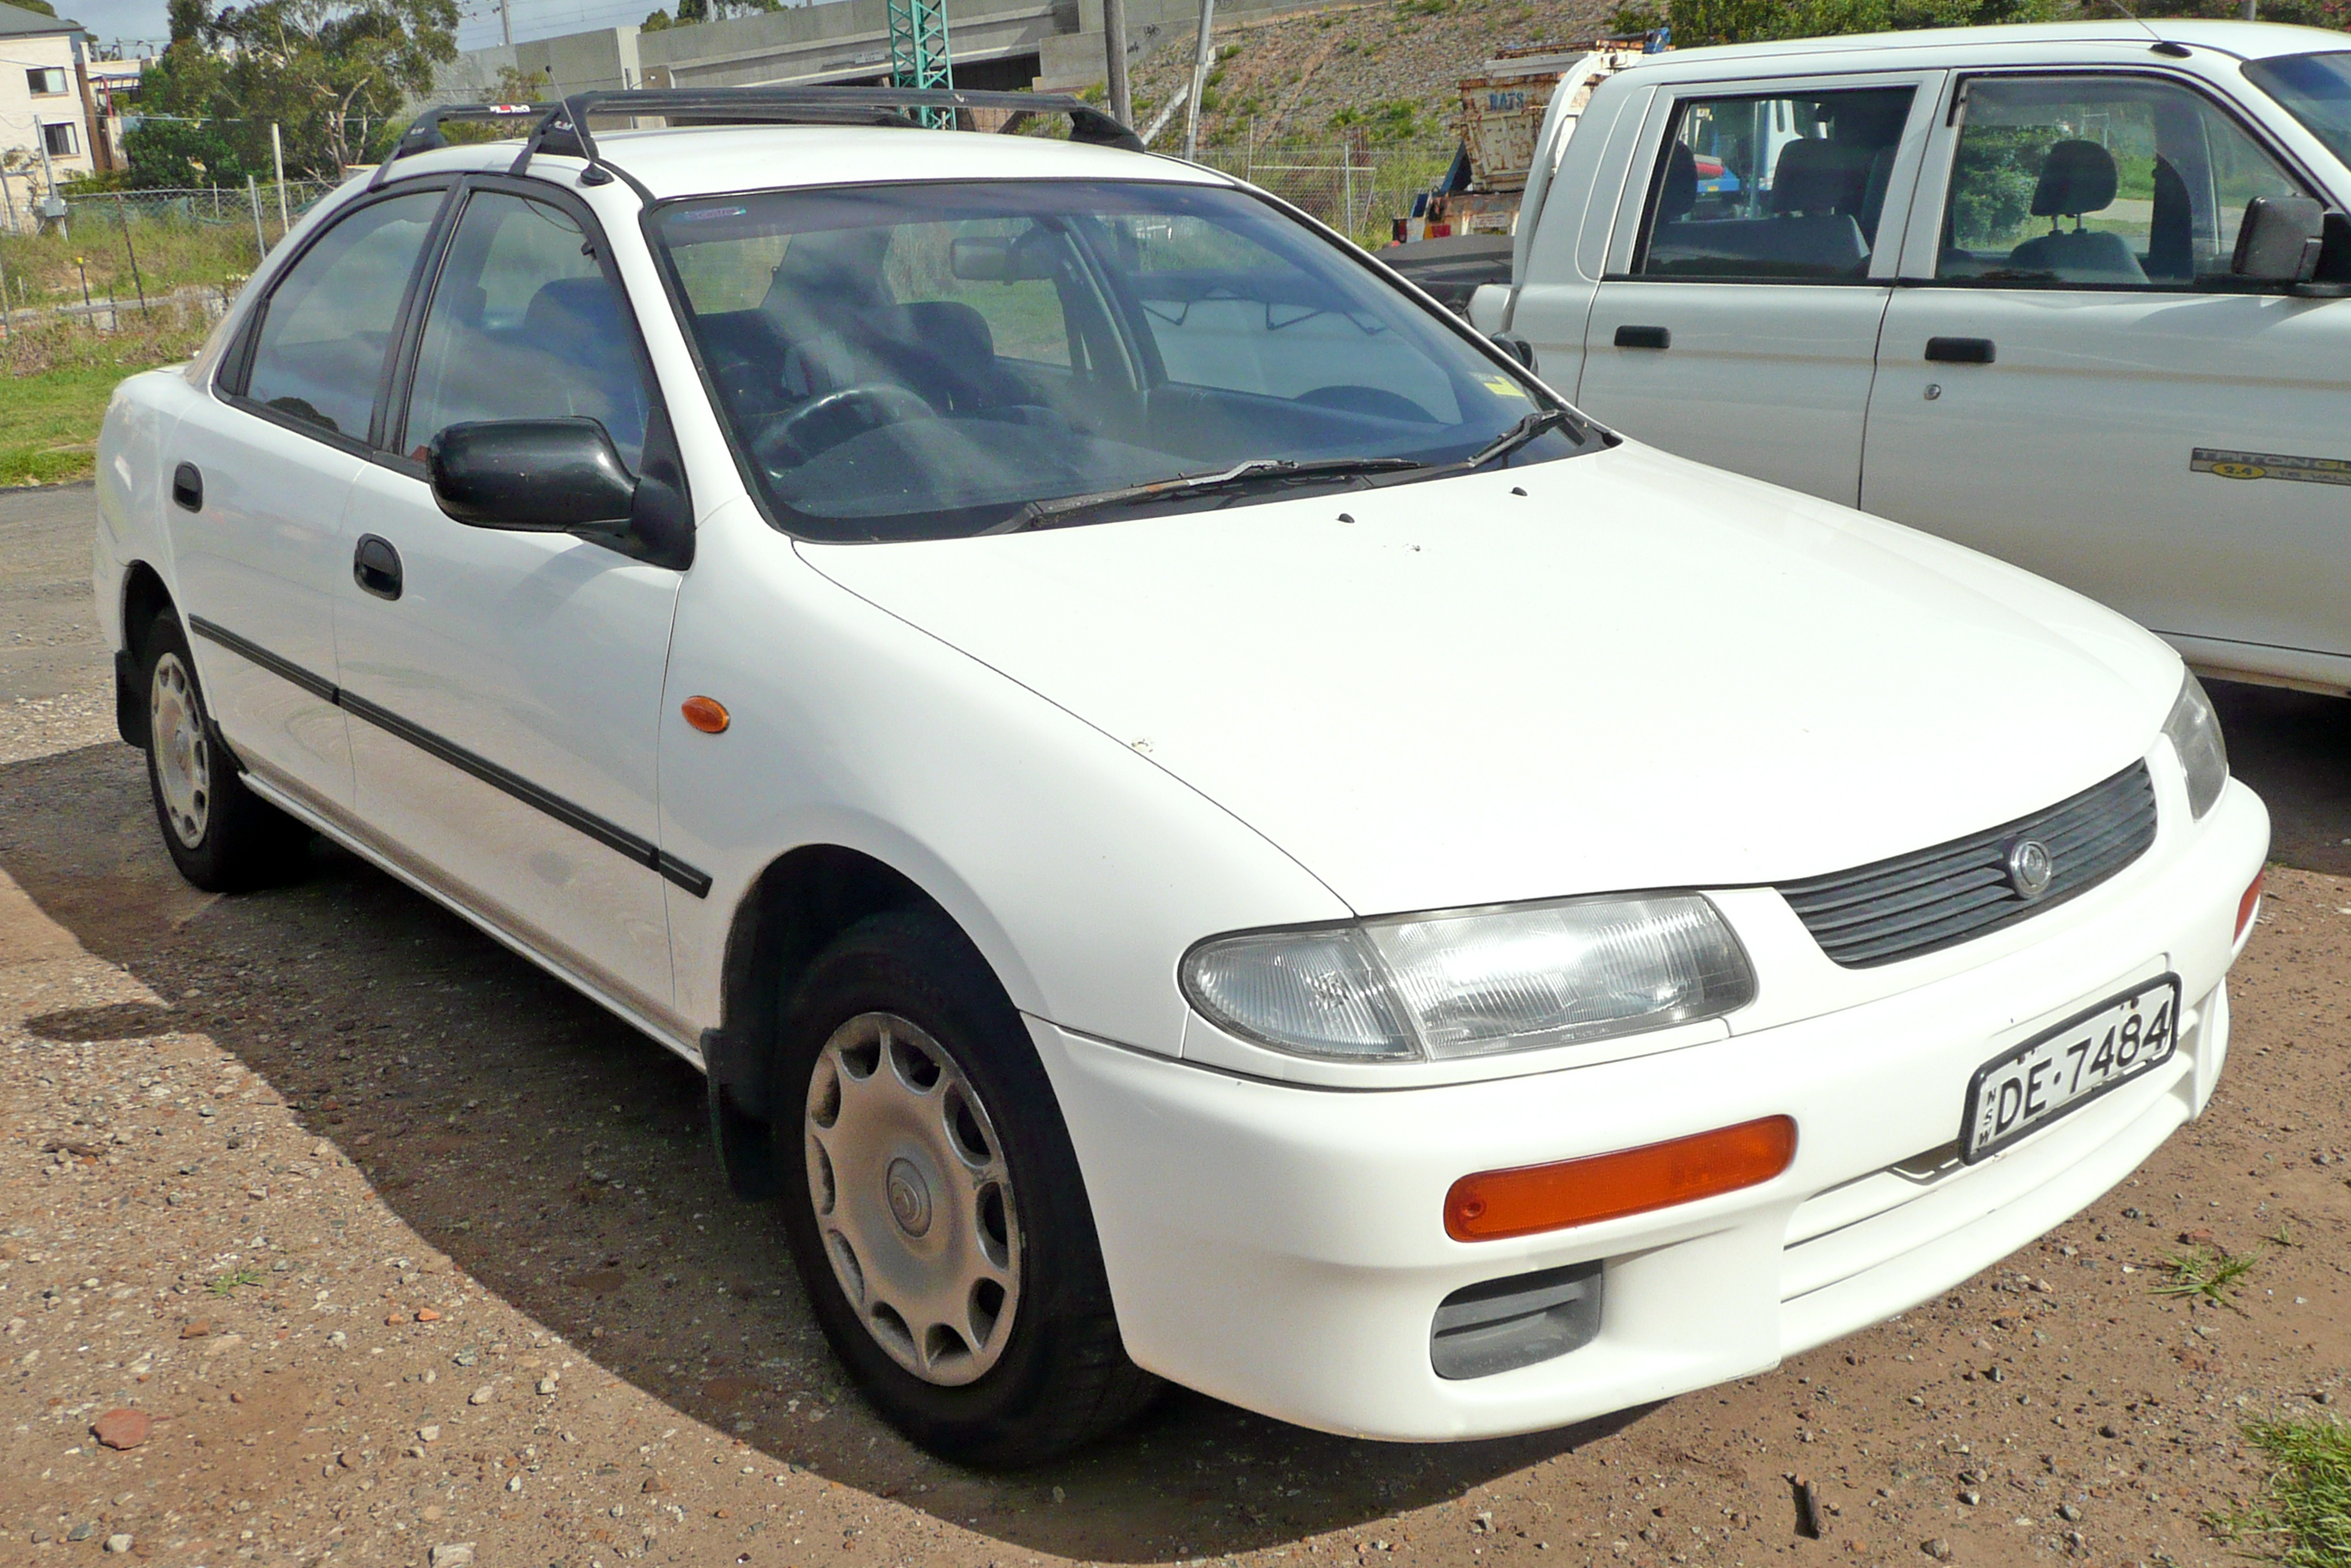 file:1994-1996 mazda 323 (ba) protegé 1.6 sedan (2009-12-04) 01